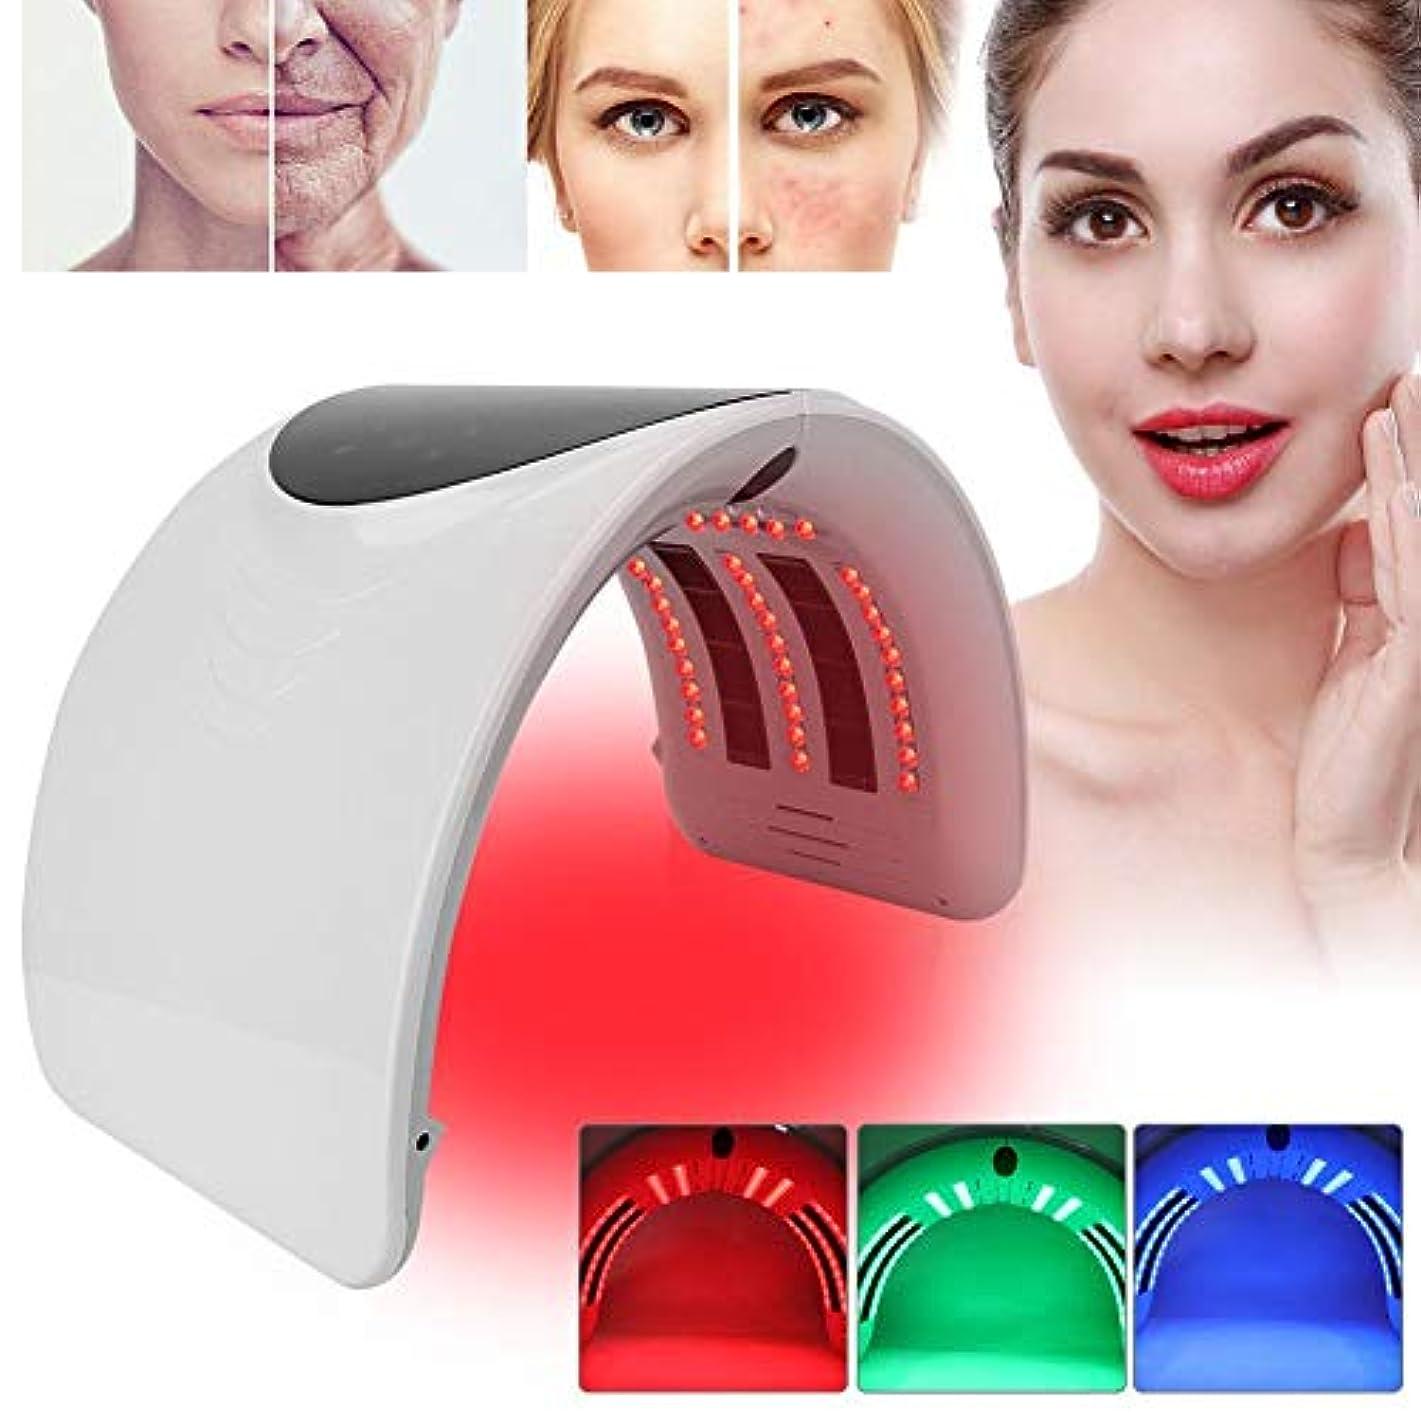 乱れリマ肉腫皮のより良い機械、光子の美機械は効果的にアクネの傷およびアレルギーの皮LEDの光子機械皮の美装置を改良します(US-PLUG)